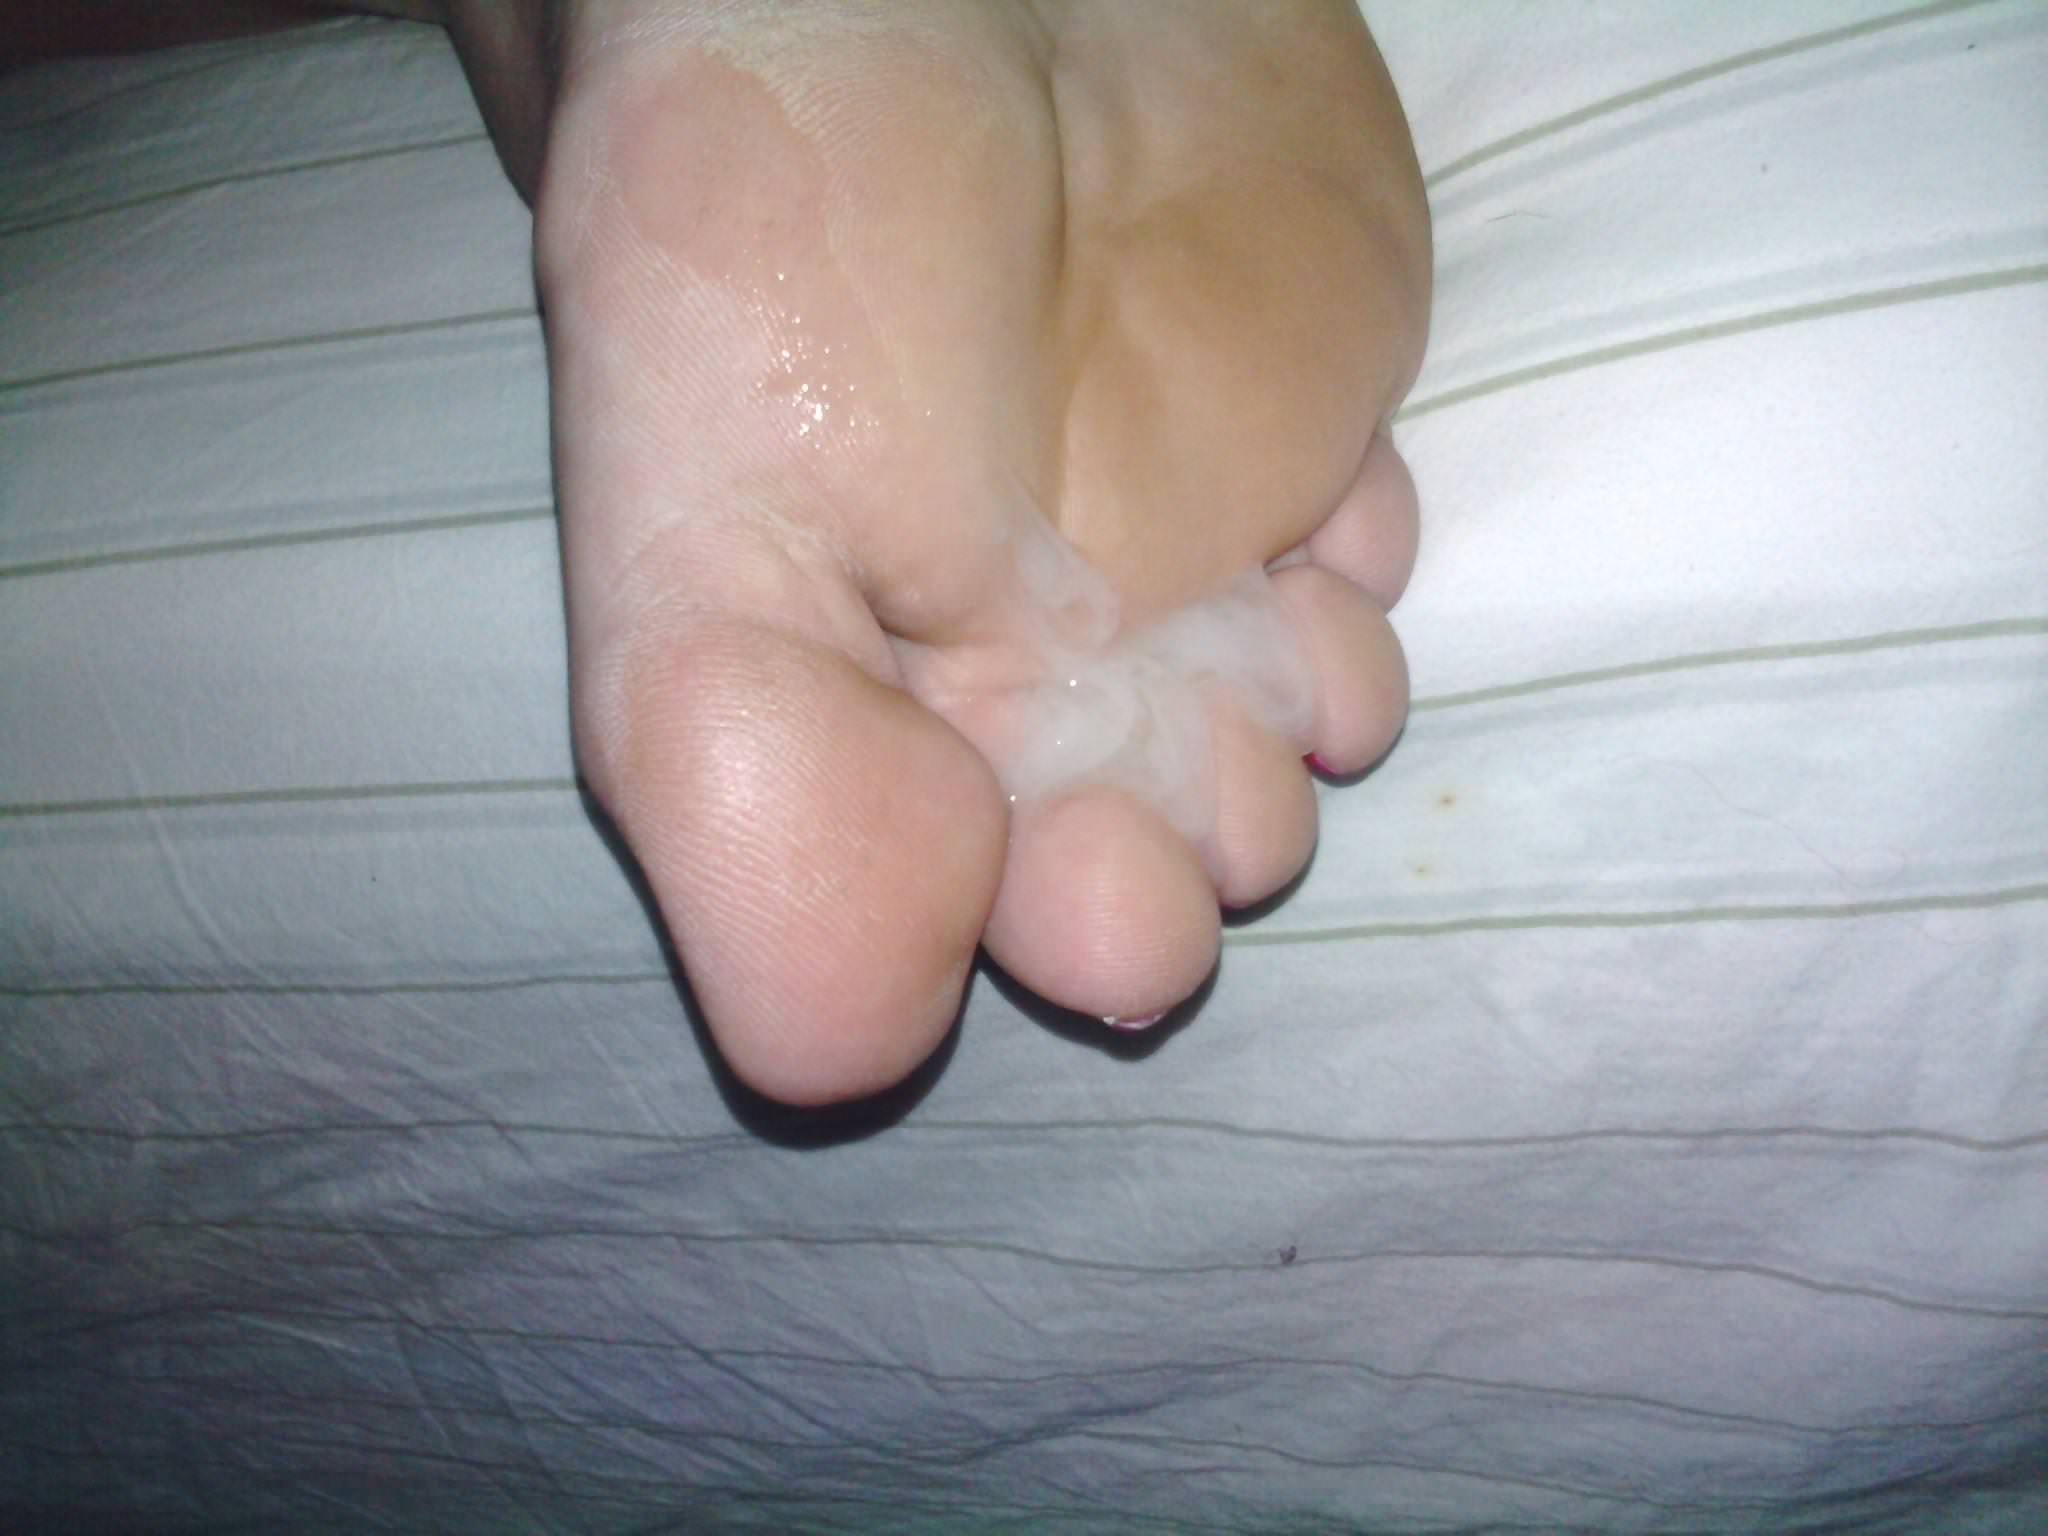 女の臭い足裏にザーメンぶっかけwww足フェチ素人エロ画像どんだけ~www 227